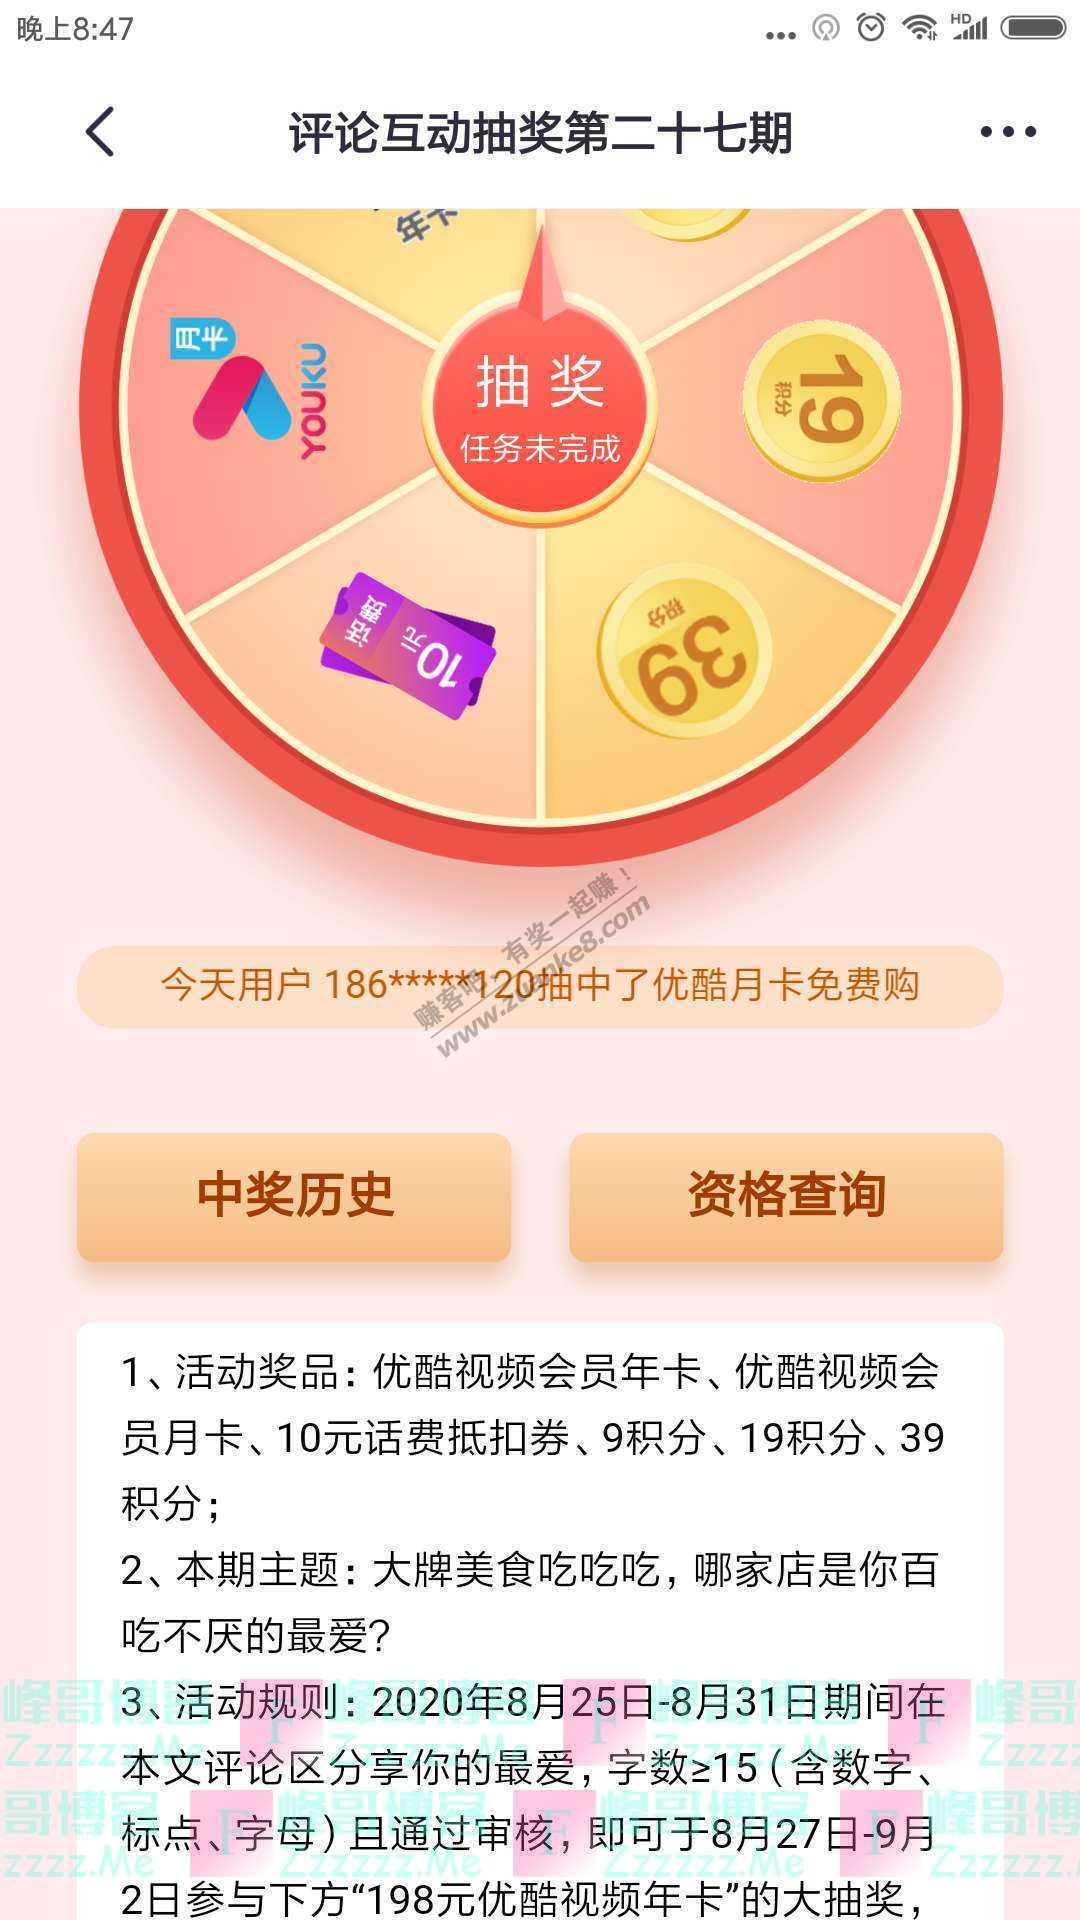 掌上生活app评论互动抽奖第二十七期(截止9月2日)